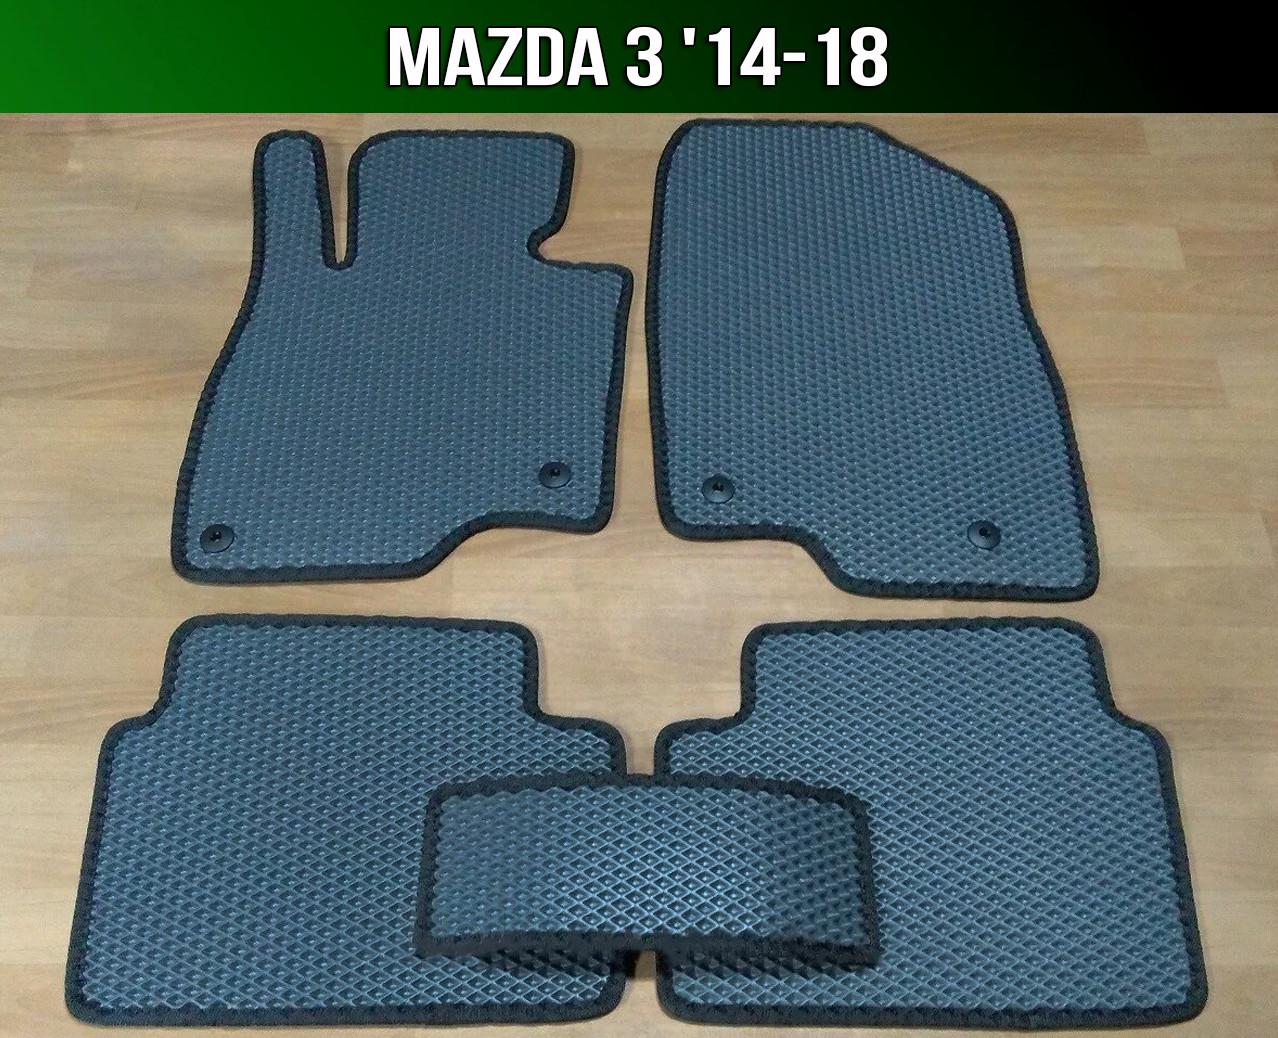 ЕВА коврики на Mazda 3 '14-18. Ковры EVA Мазда 3